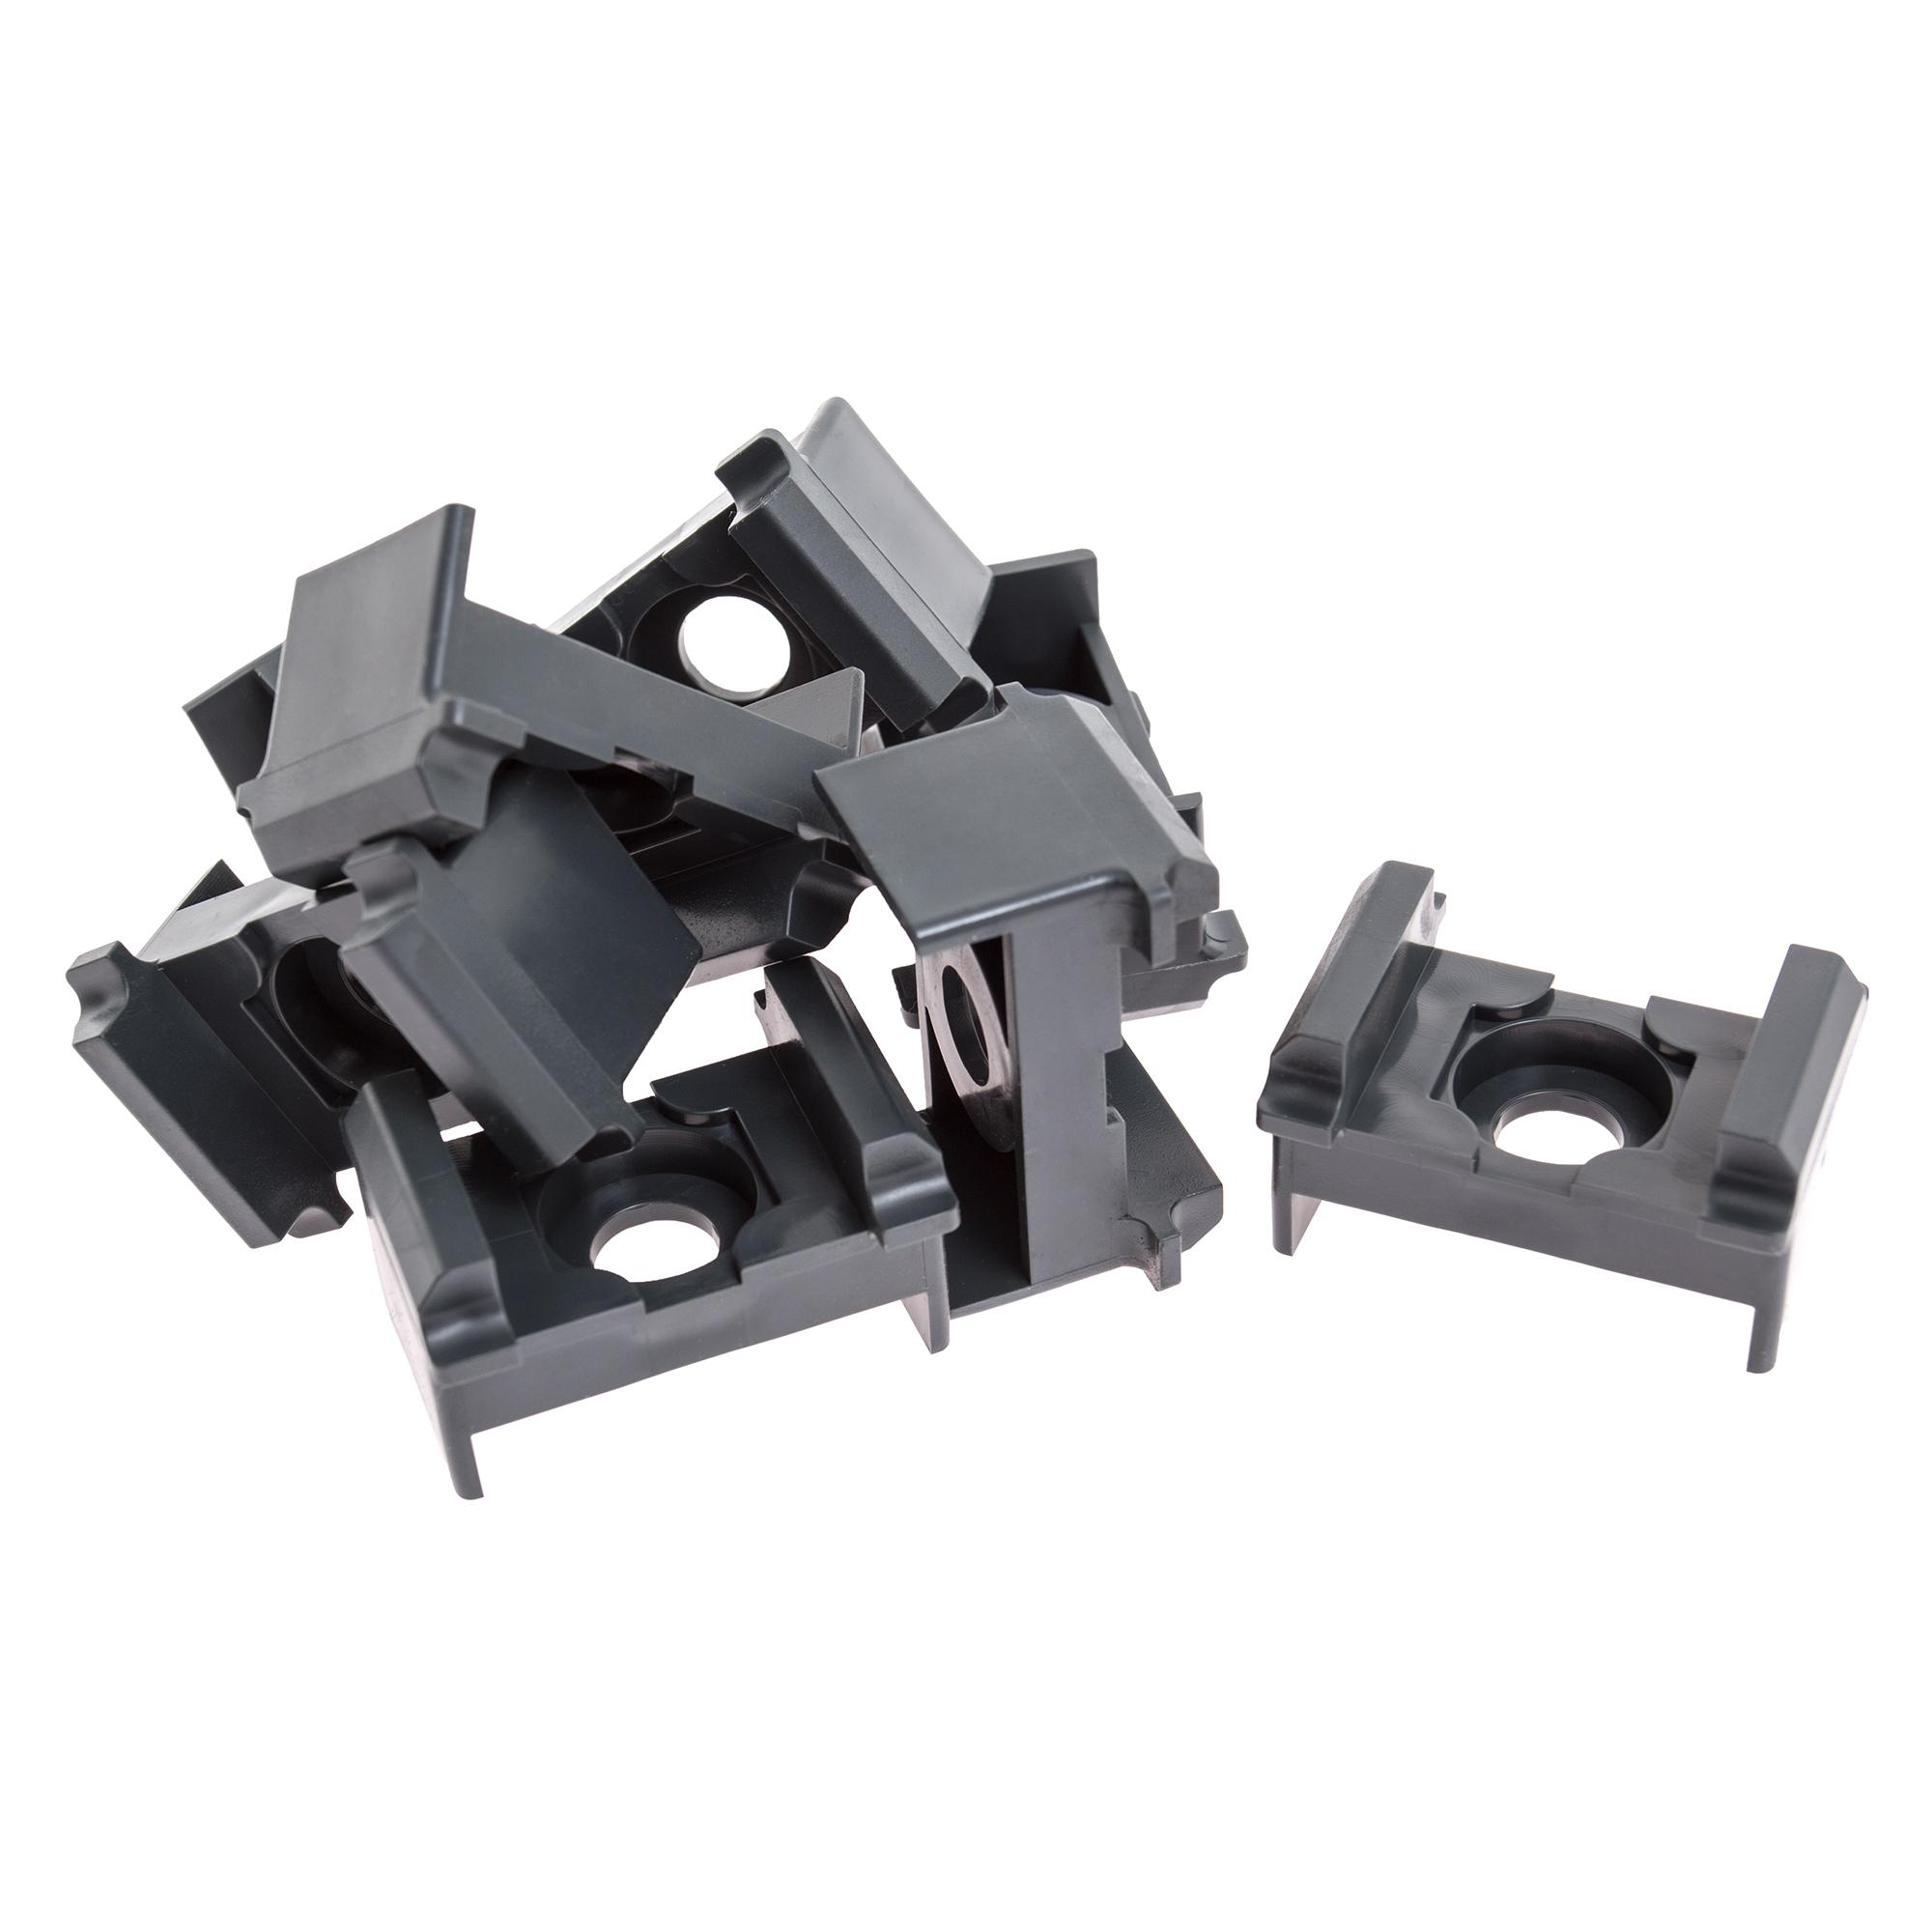 Camas Eckpfosten Links Typ2 mit Clip anthrazit 830mm